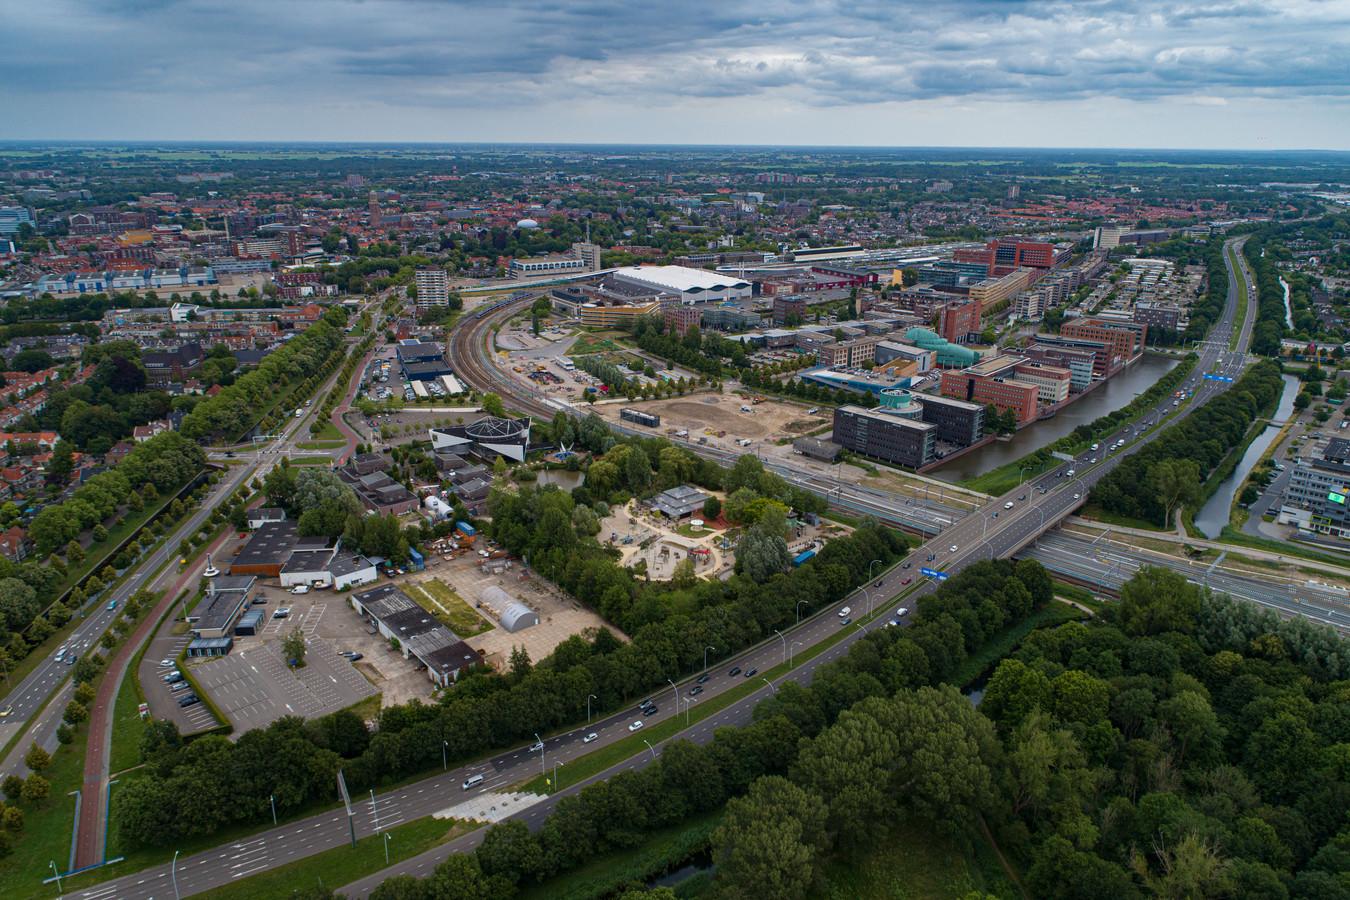 Kantorenwijk Hanzeland gezien vanaf de kant van het Engelse Werk. Zwolle ziet Hanzeland als haar tweede stadscentrum, waar duizenden extra woningen moeten komen. In de hoek tussen IJsselallee (onder) en Veerallee (links) worden naast Dinoland op de plek waar nu nog panden staan honderden woningen gebouwd, net als aan de andere kant van het spoor (ongeveer in het midden van de foto). Aan de andere kant van Hanzeland (rechtsachter) komen huizen op de Hanzebadlocatie.